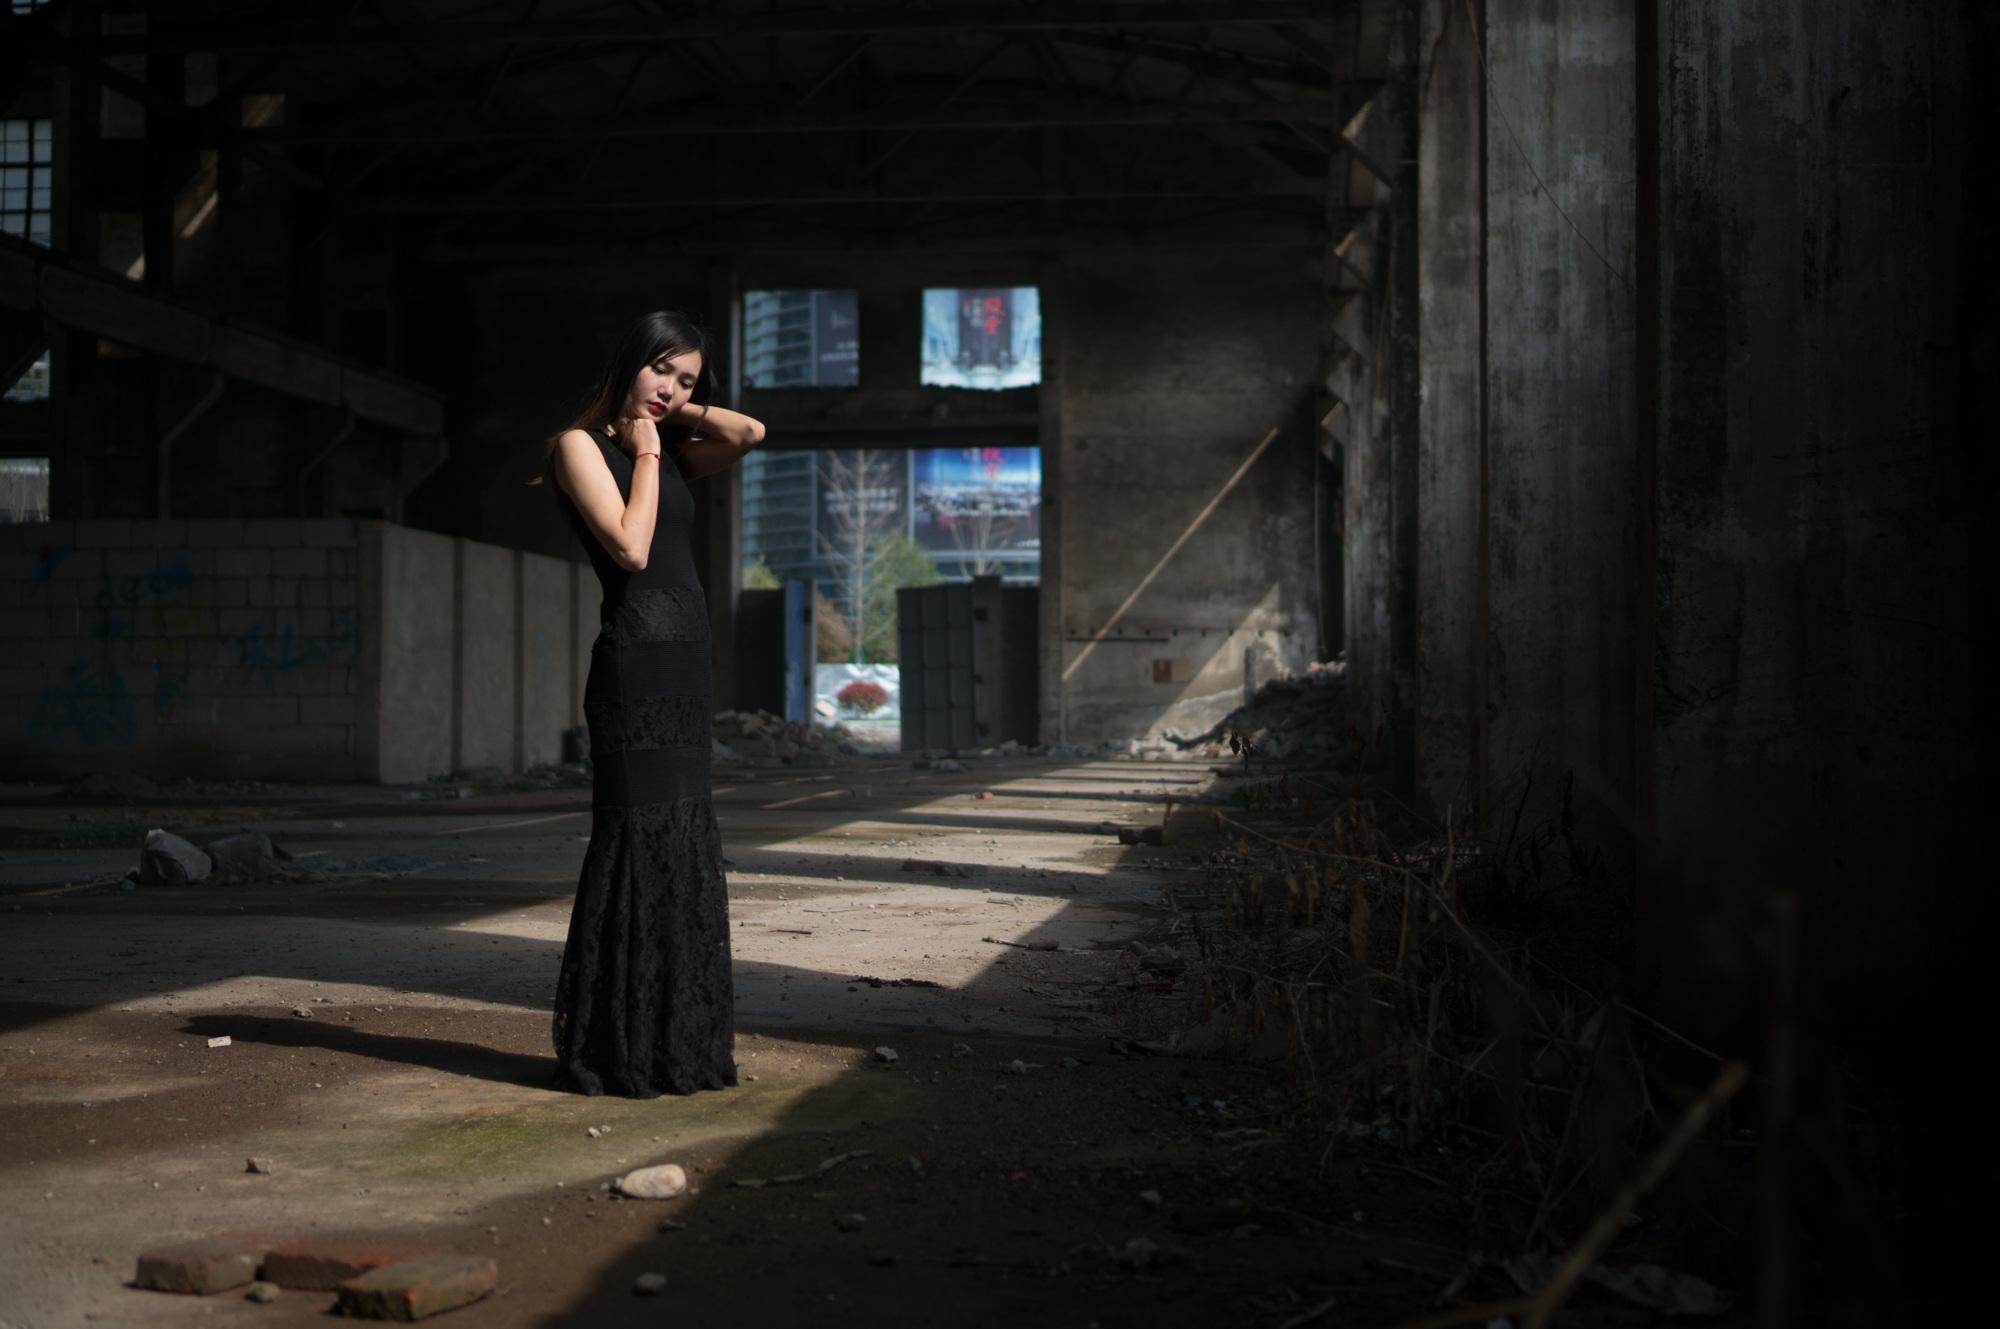 профессиональное фото в руинах британская золотая девочка